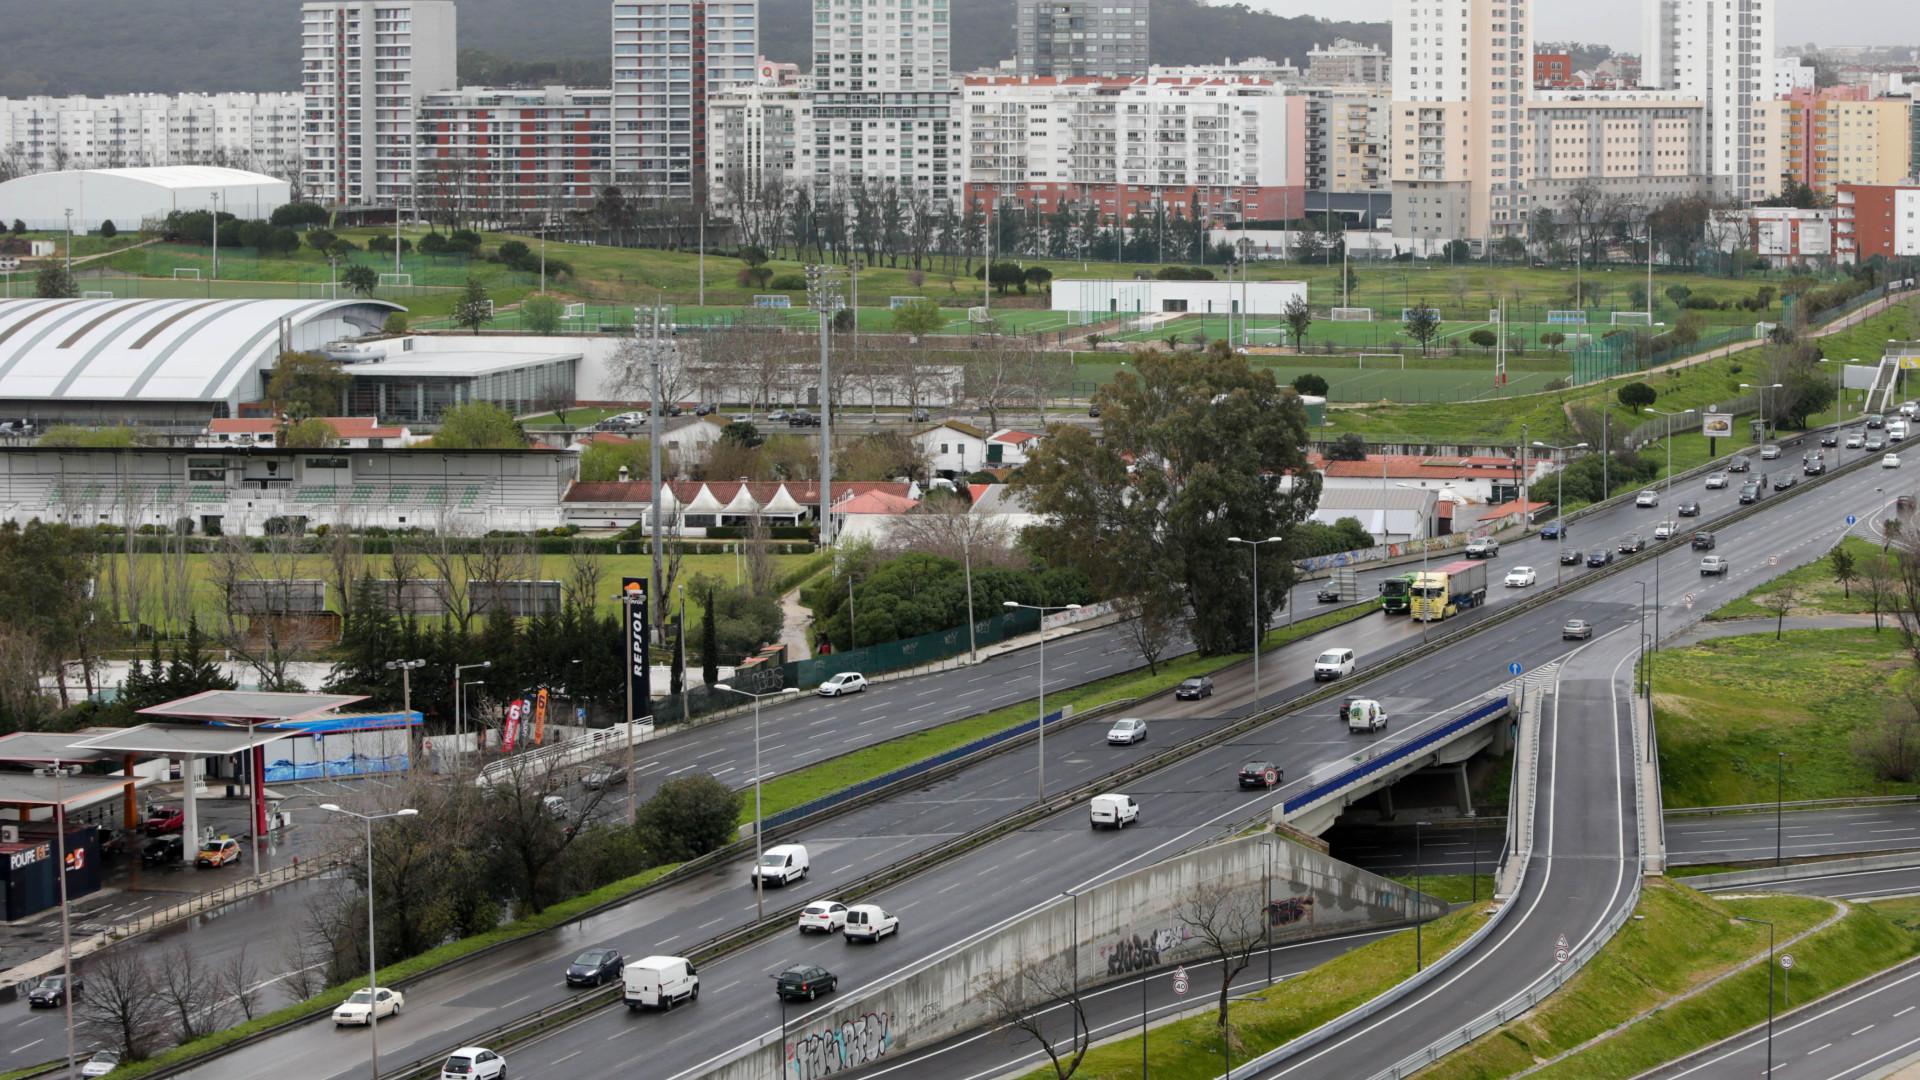 Obras condicionam trânsito até setembro na 2.ª Circular, em Lisboa